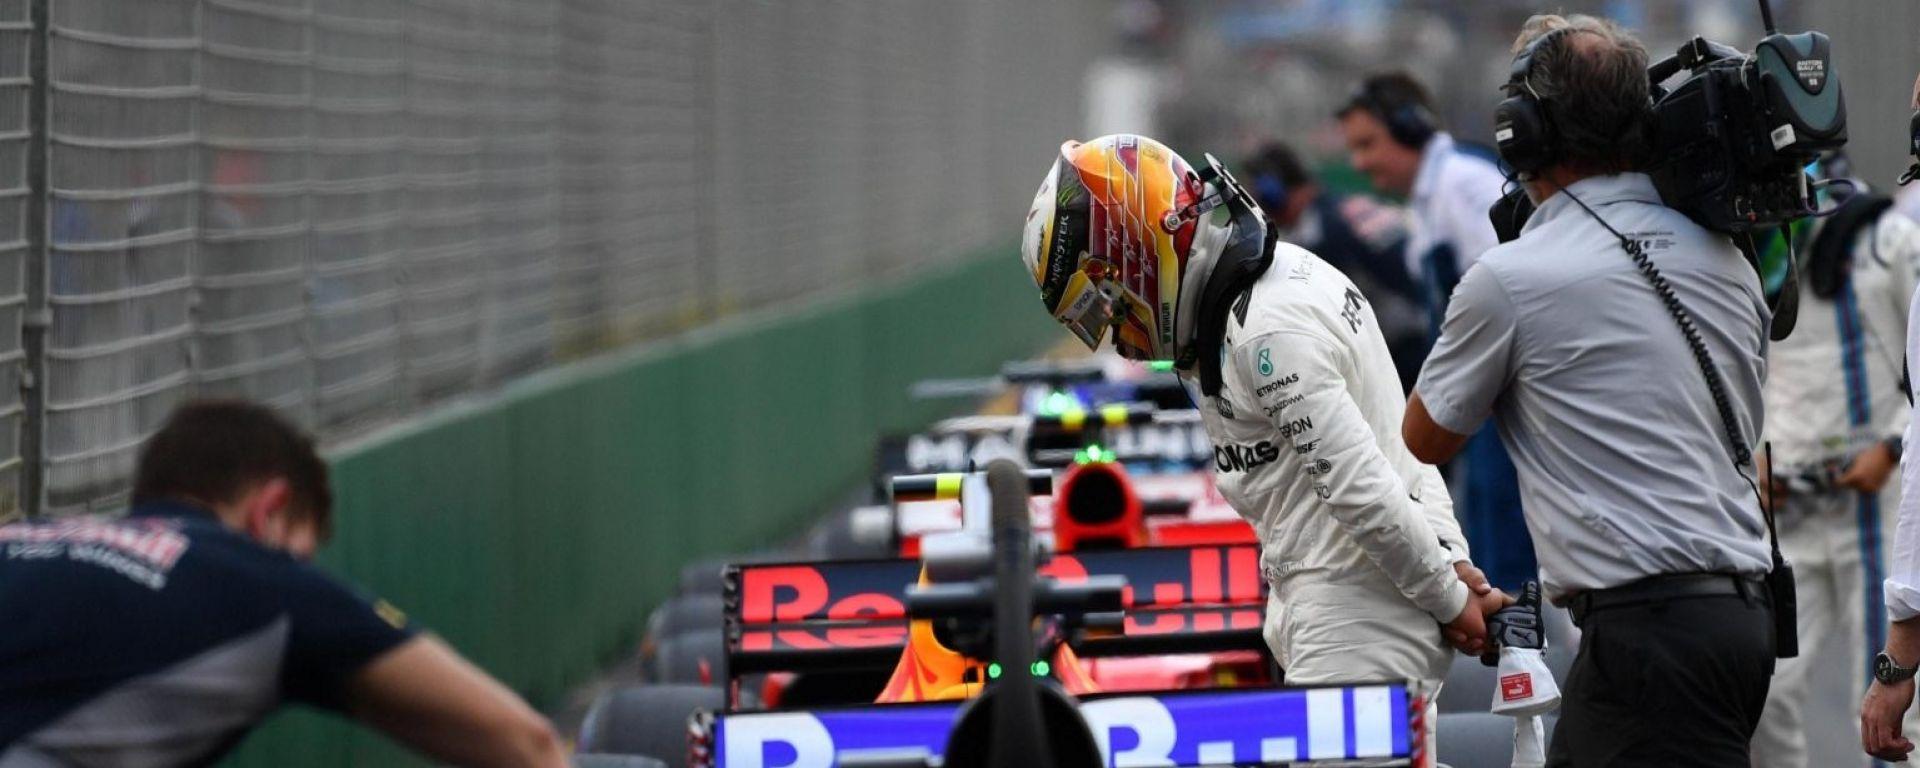 F1 2017, GP Australia, qualifiche: Lewis Hamilton da record davanti a tutti, Vettel in prima fila